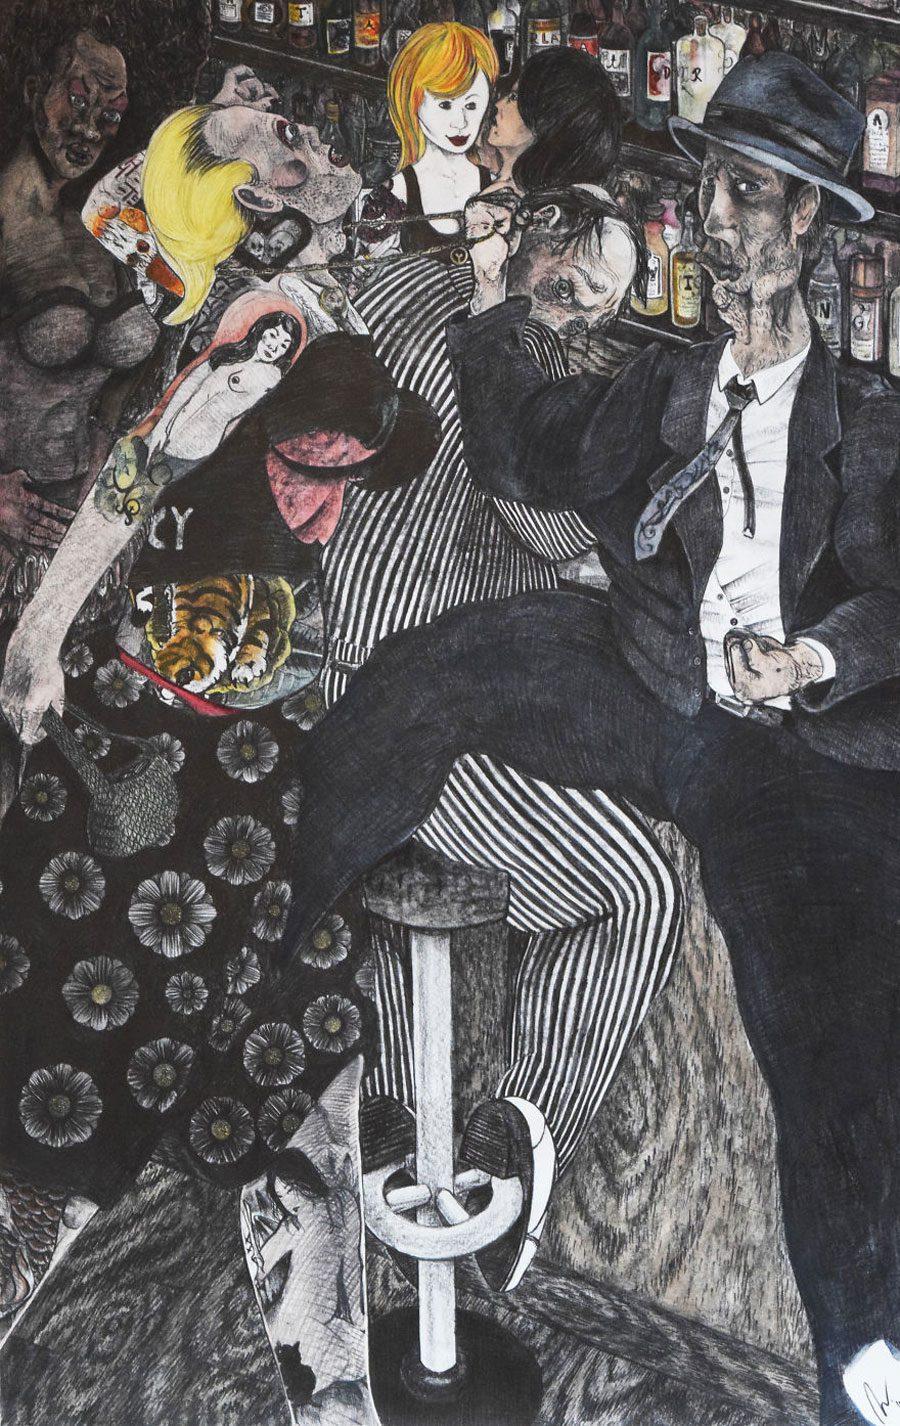 Transvesfight 5afc585ee33e7  880 - «Мати Земля – брудна повія»: Художник малює картини про сучасний світ - Заборона